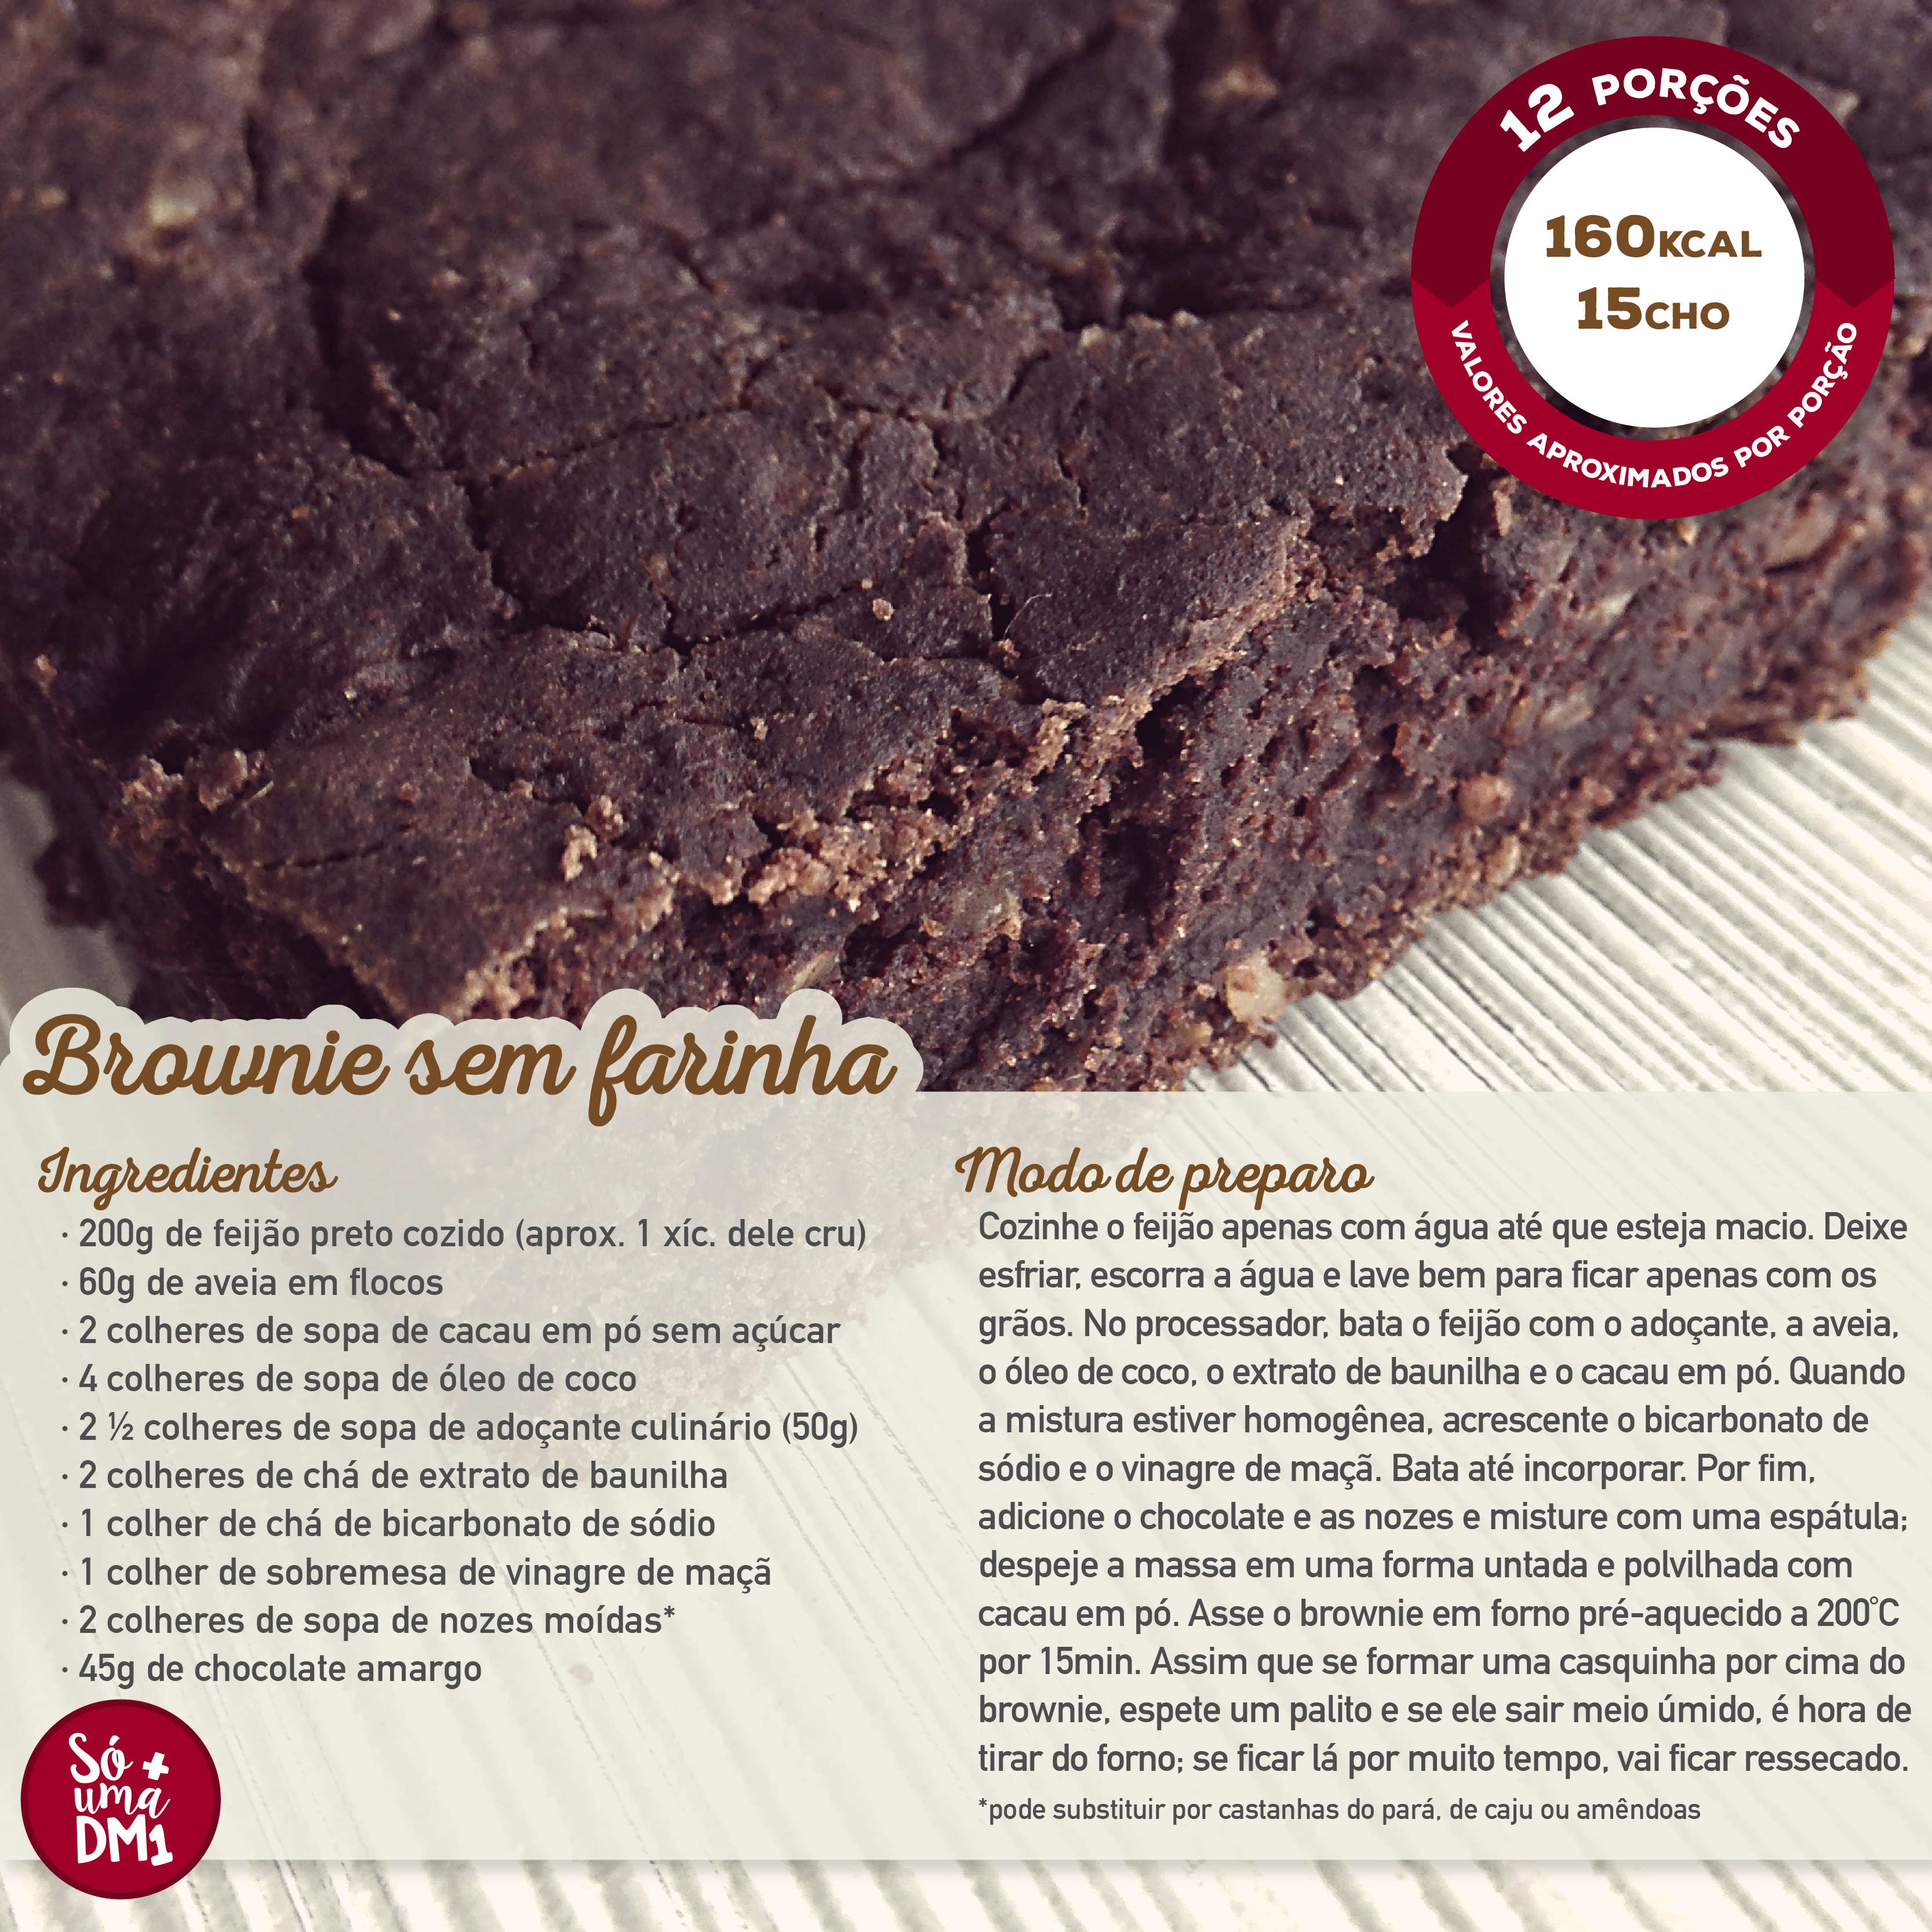 Brownie sem farinha